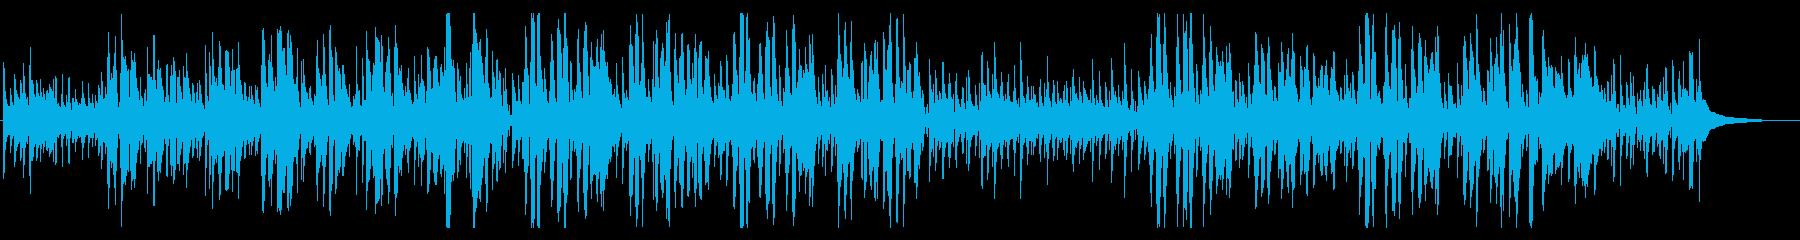 リラックスできるハワイアン風クリスマス曲の再生済みの波形